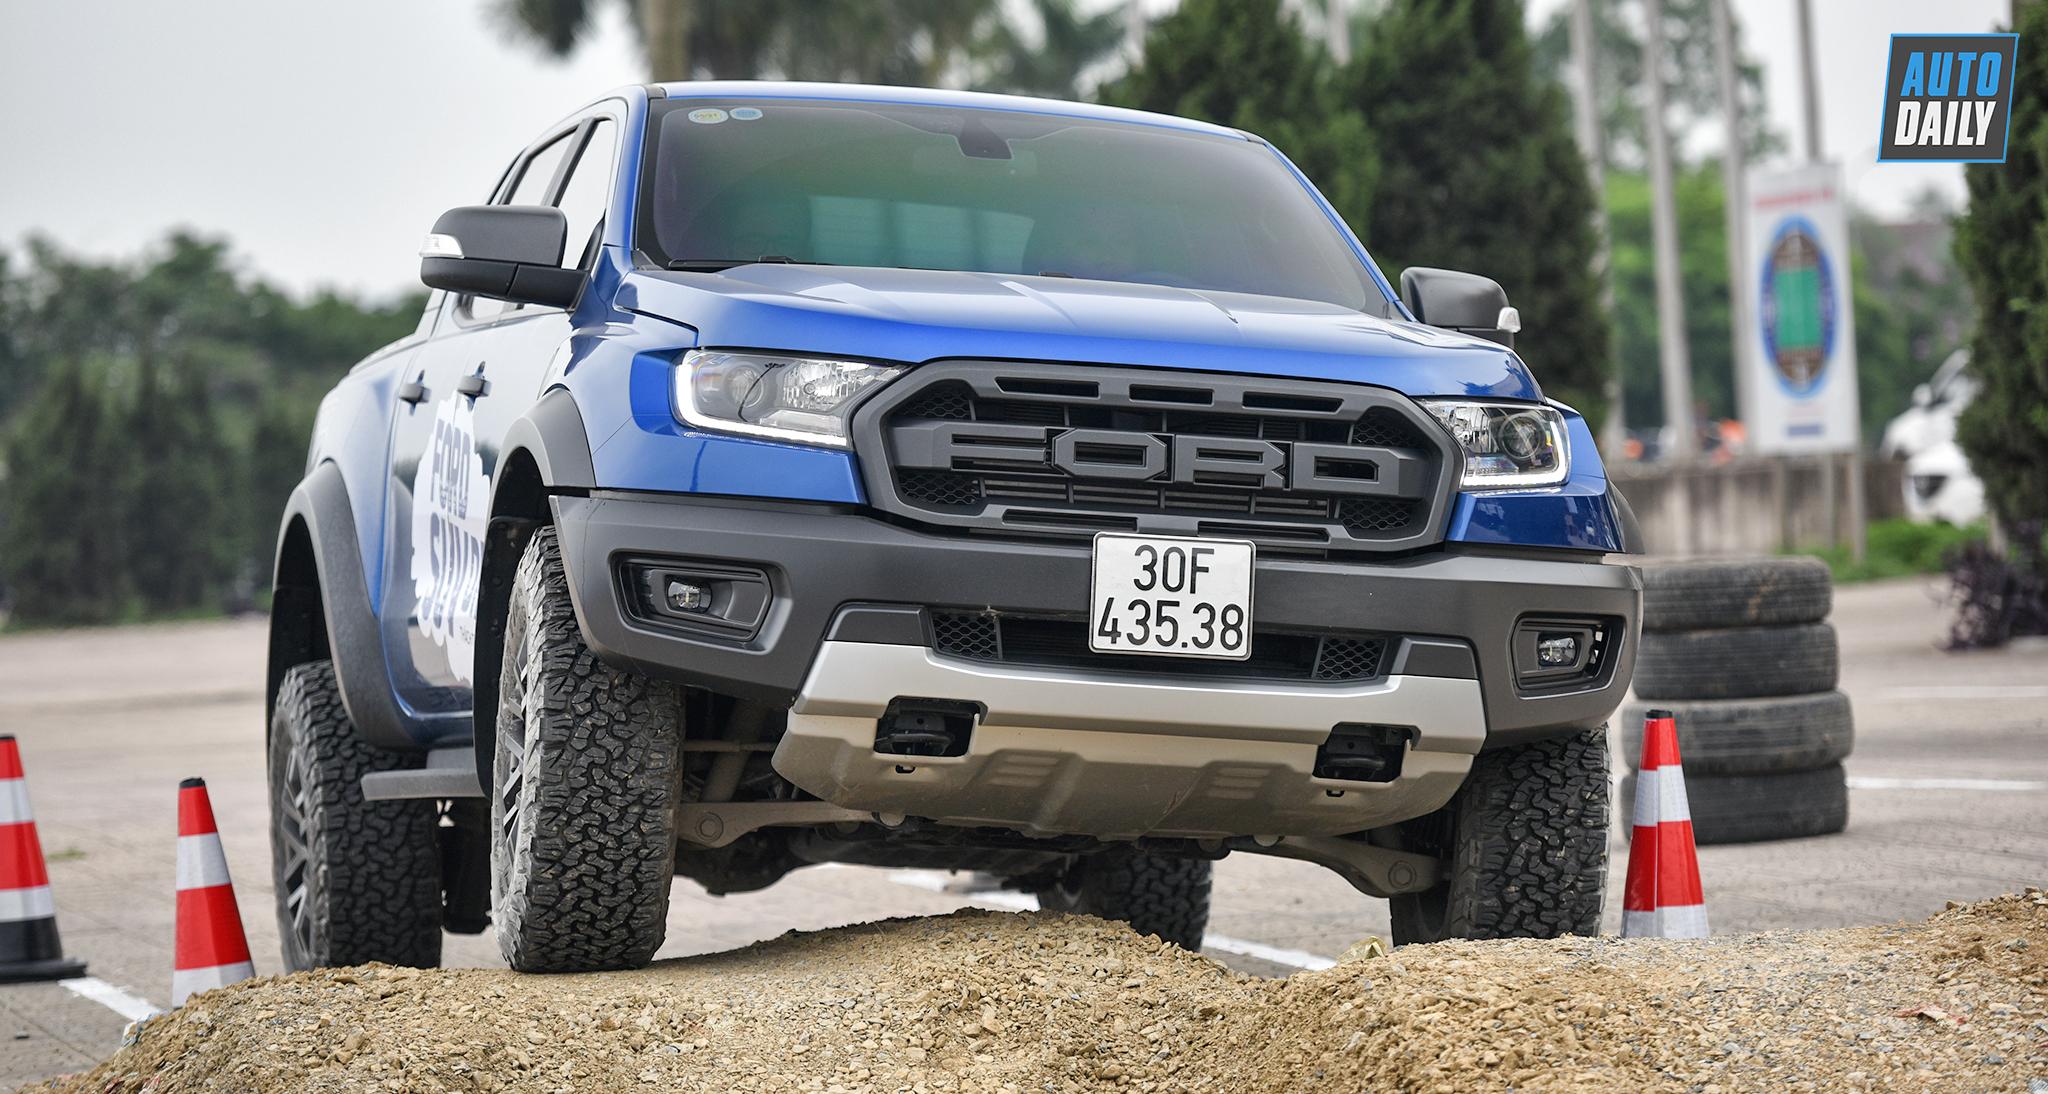 Cơ hội trải nghiệm các mẫu xe gầm cao của Ford tại Hà Nội